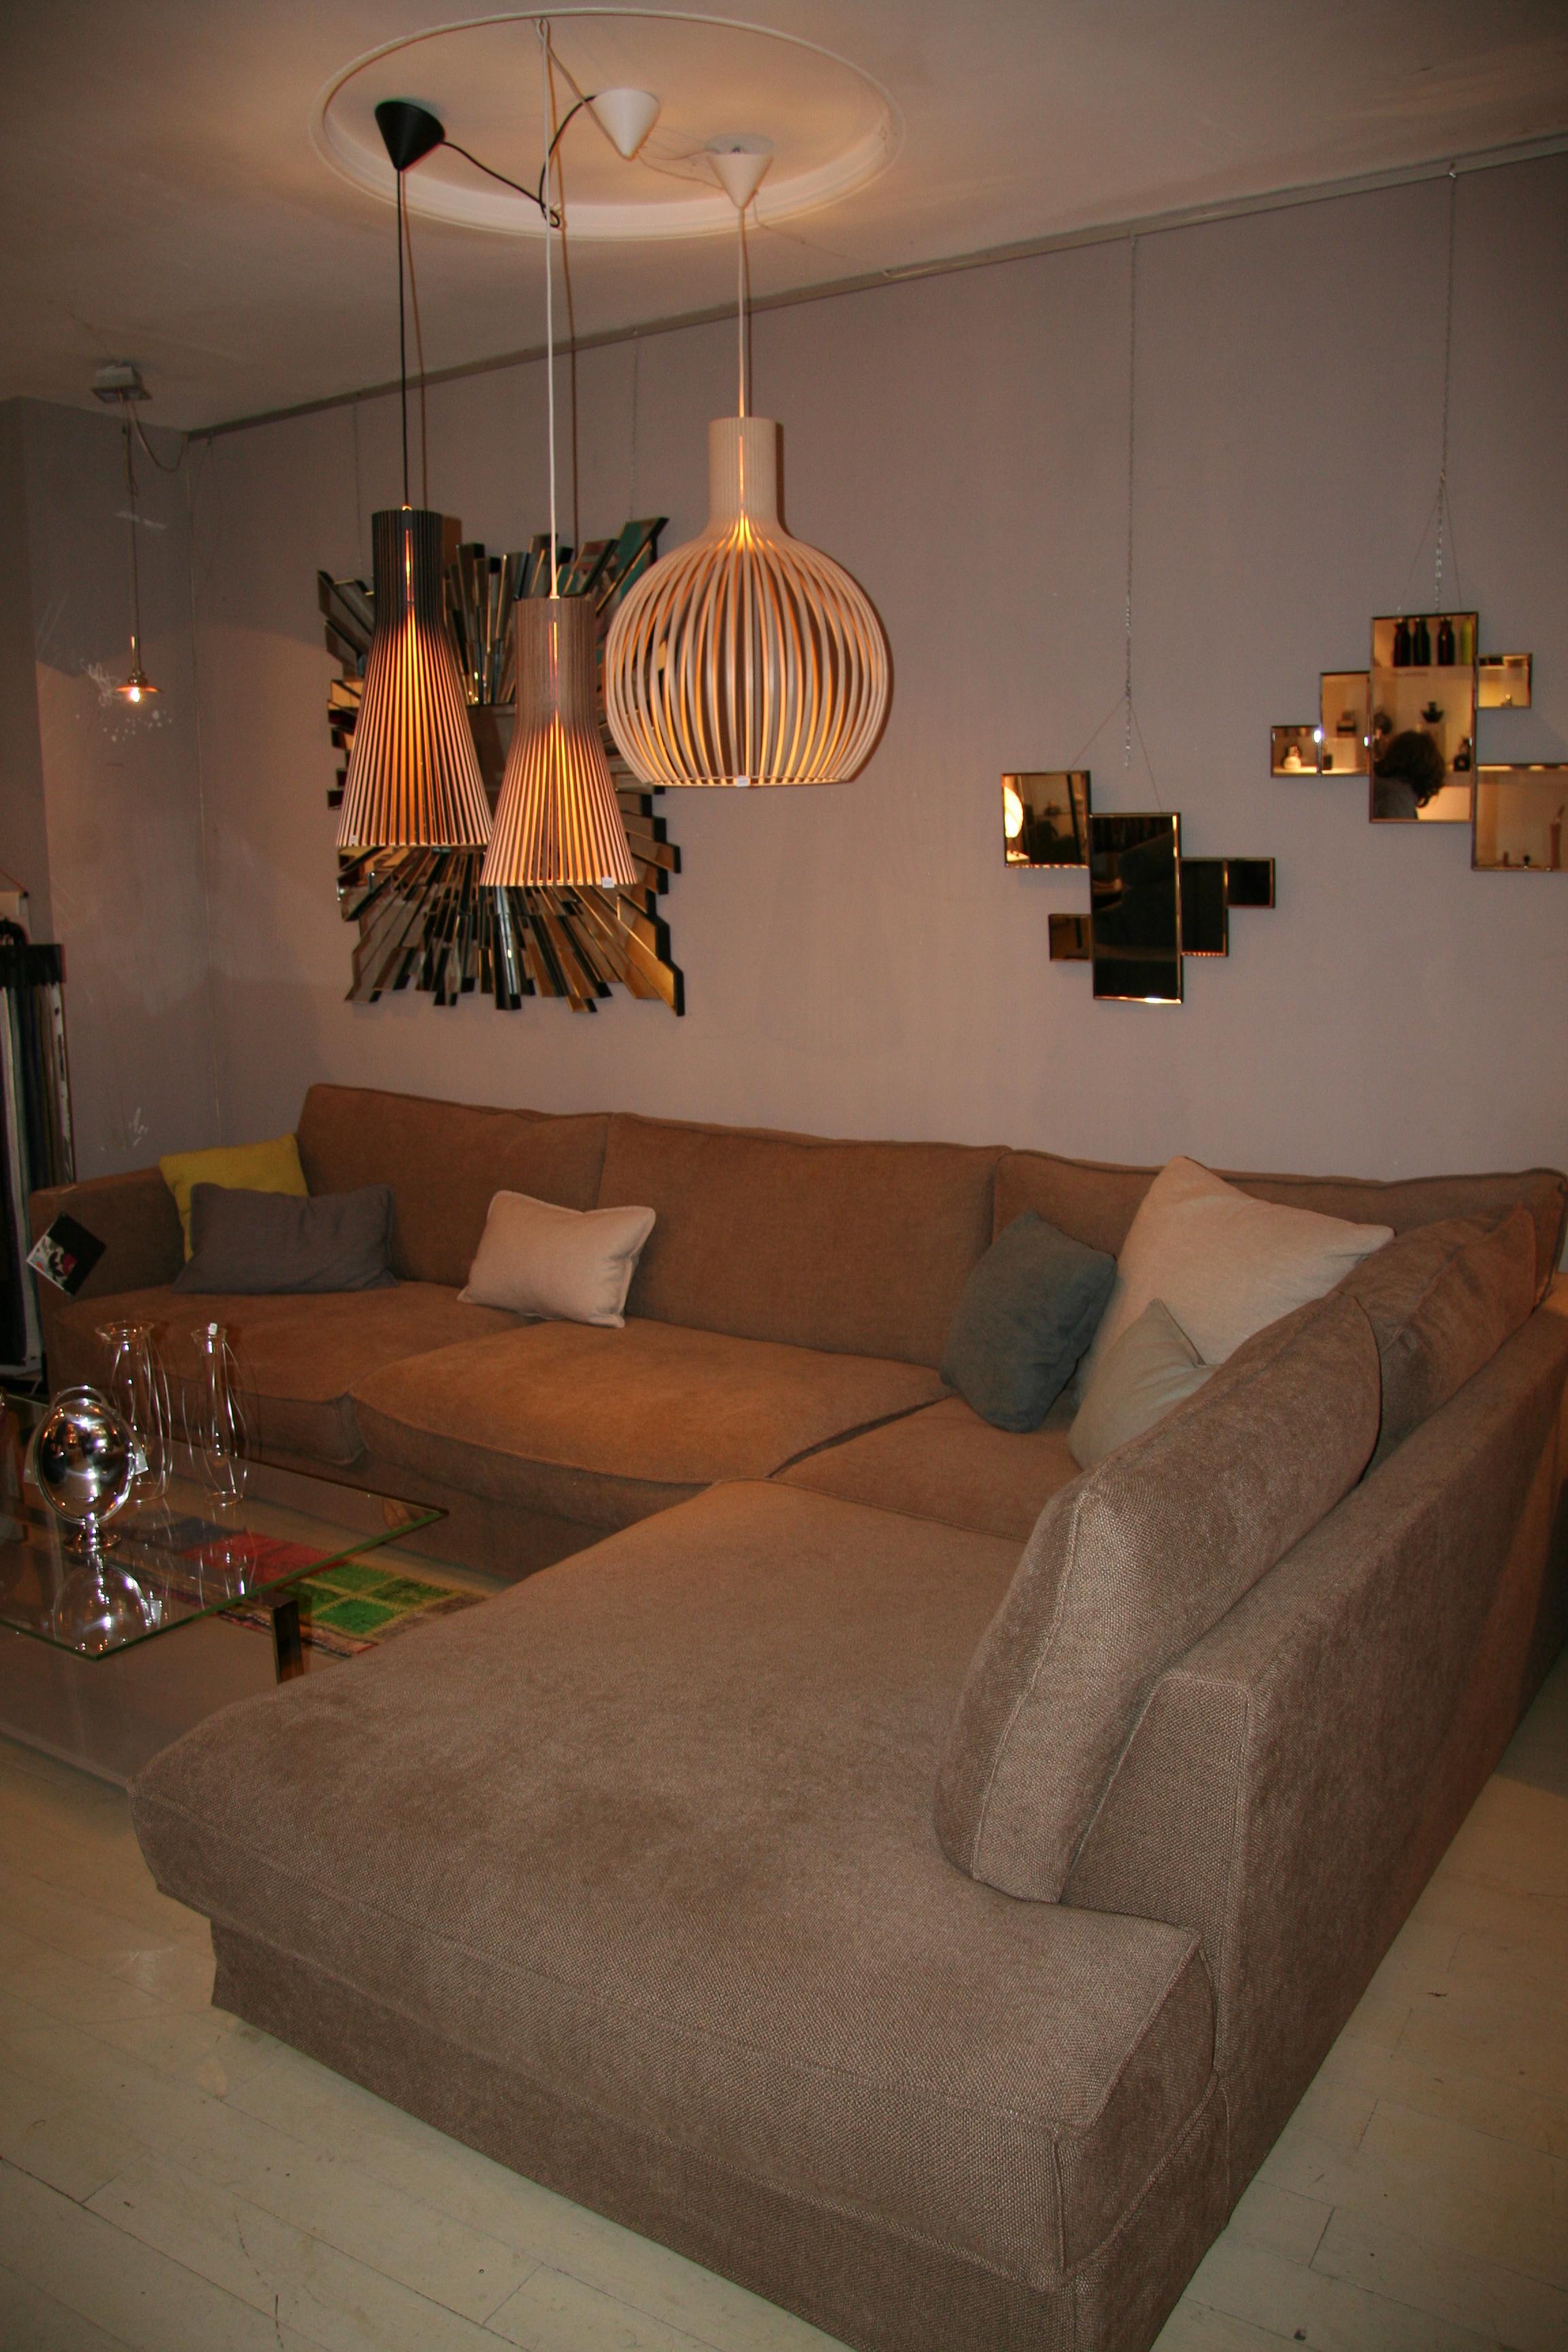 a et t magasin de d coration sur marseille 1er d coration tendances d co bons plans. Black Bedroom Furniture Sets. Home Design Ideas